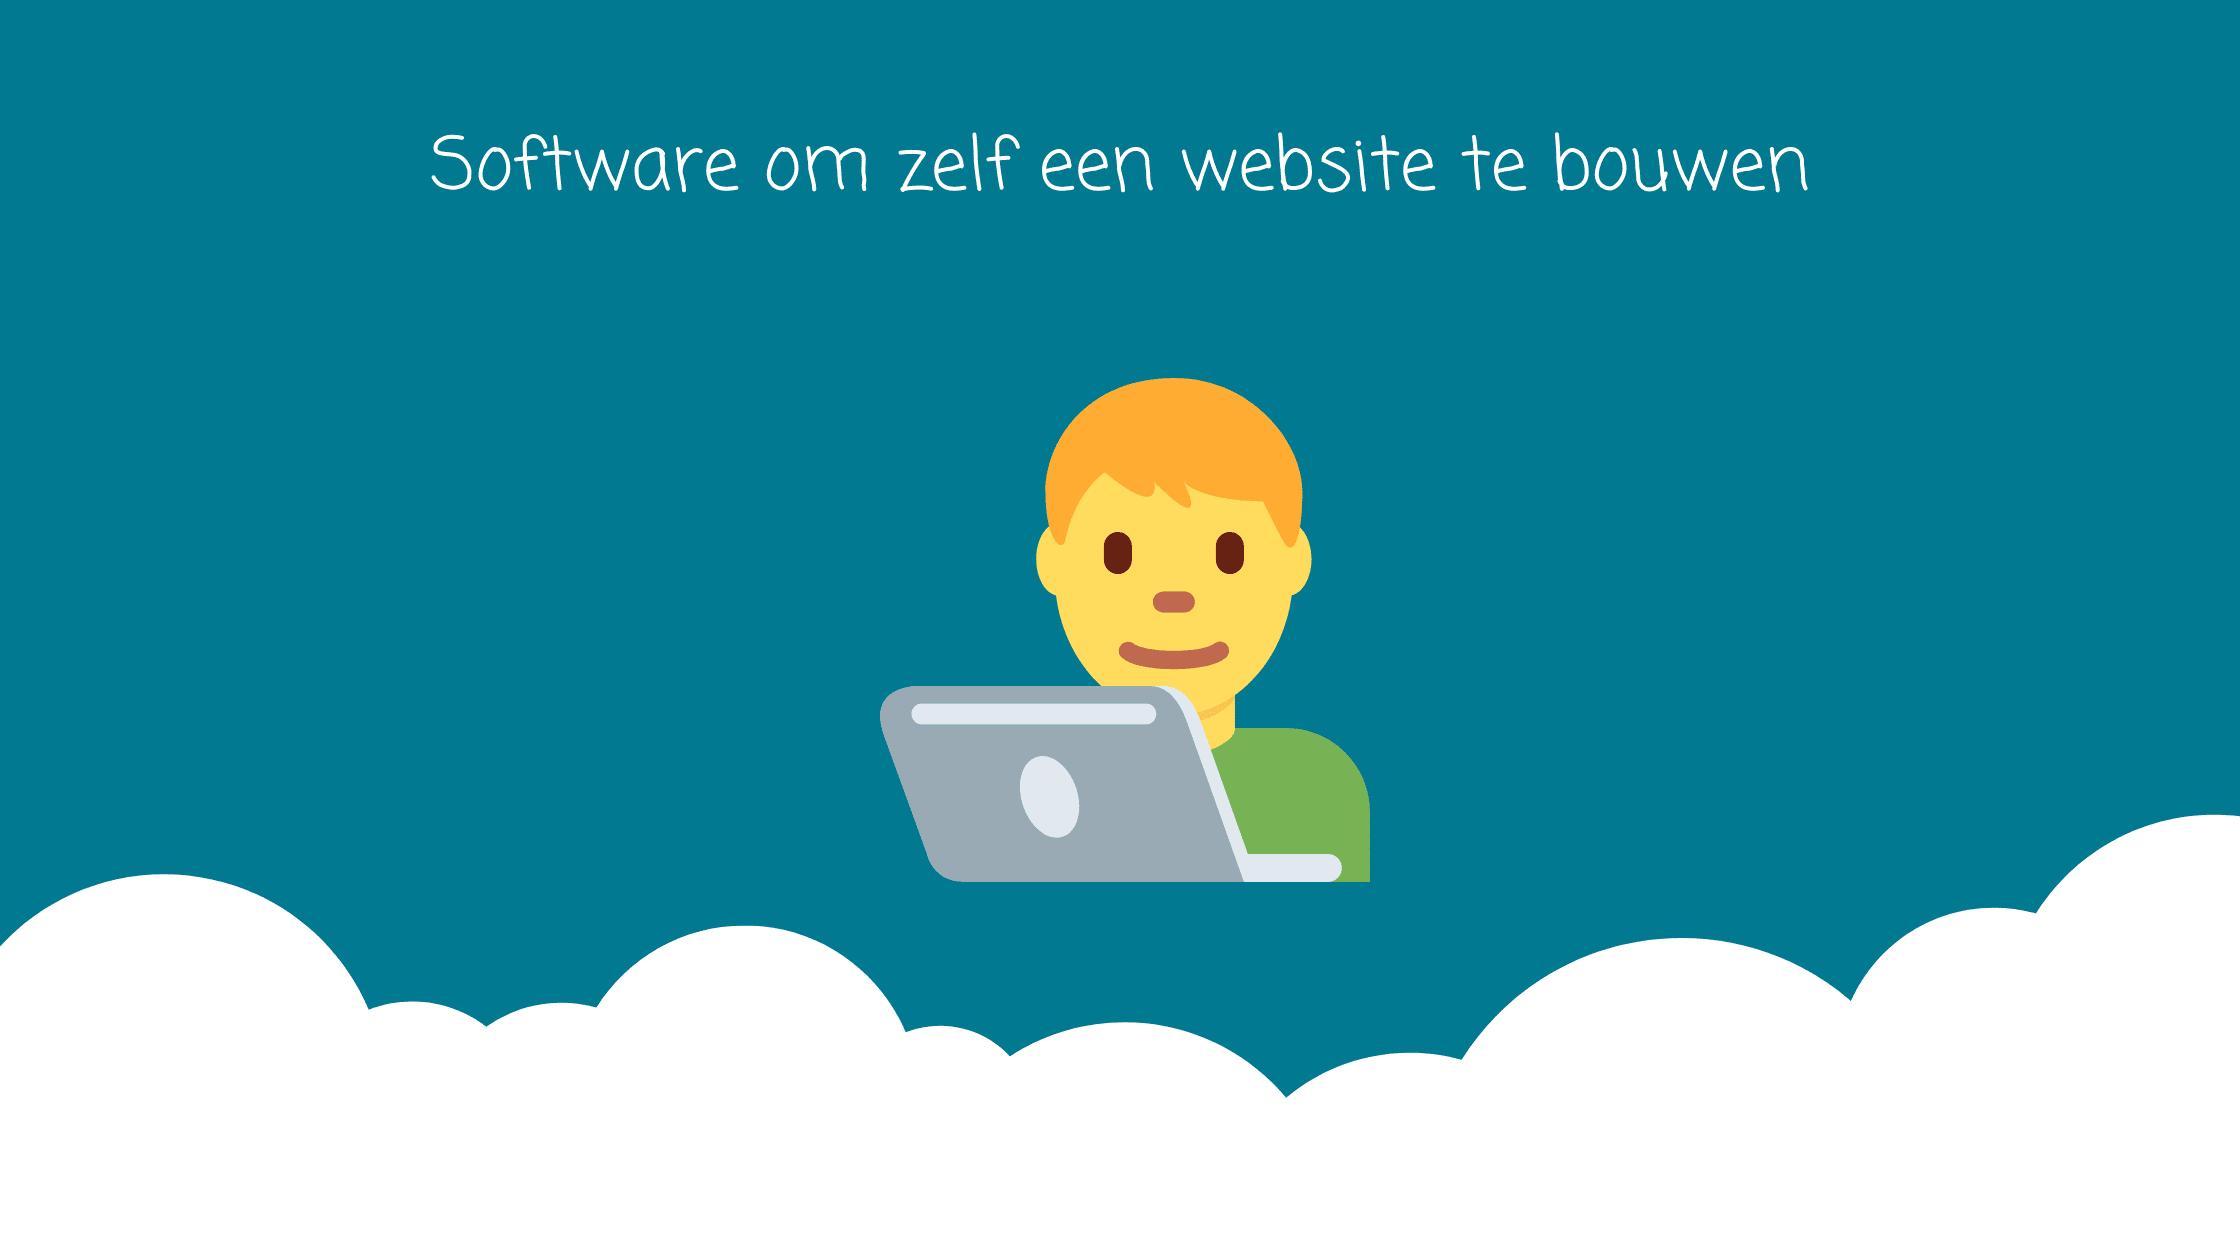 Zelf-een-website-bouwen-software